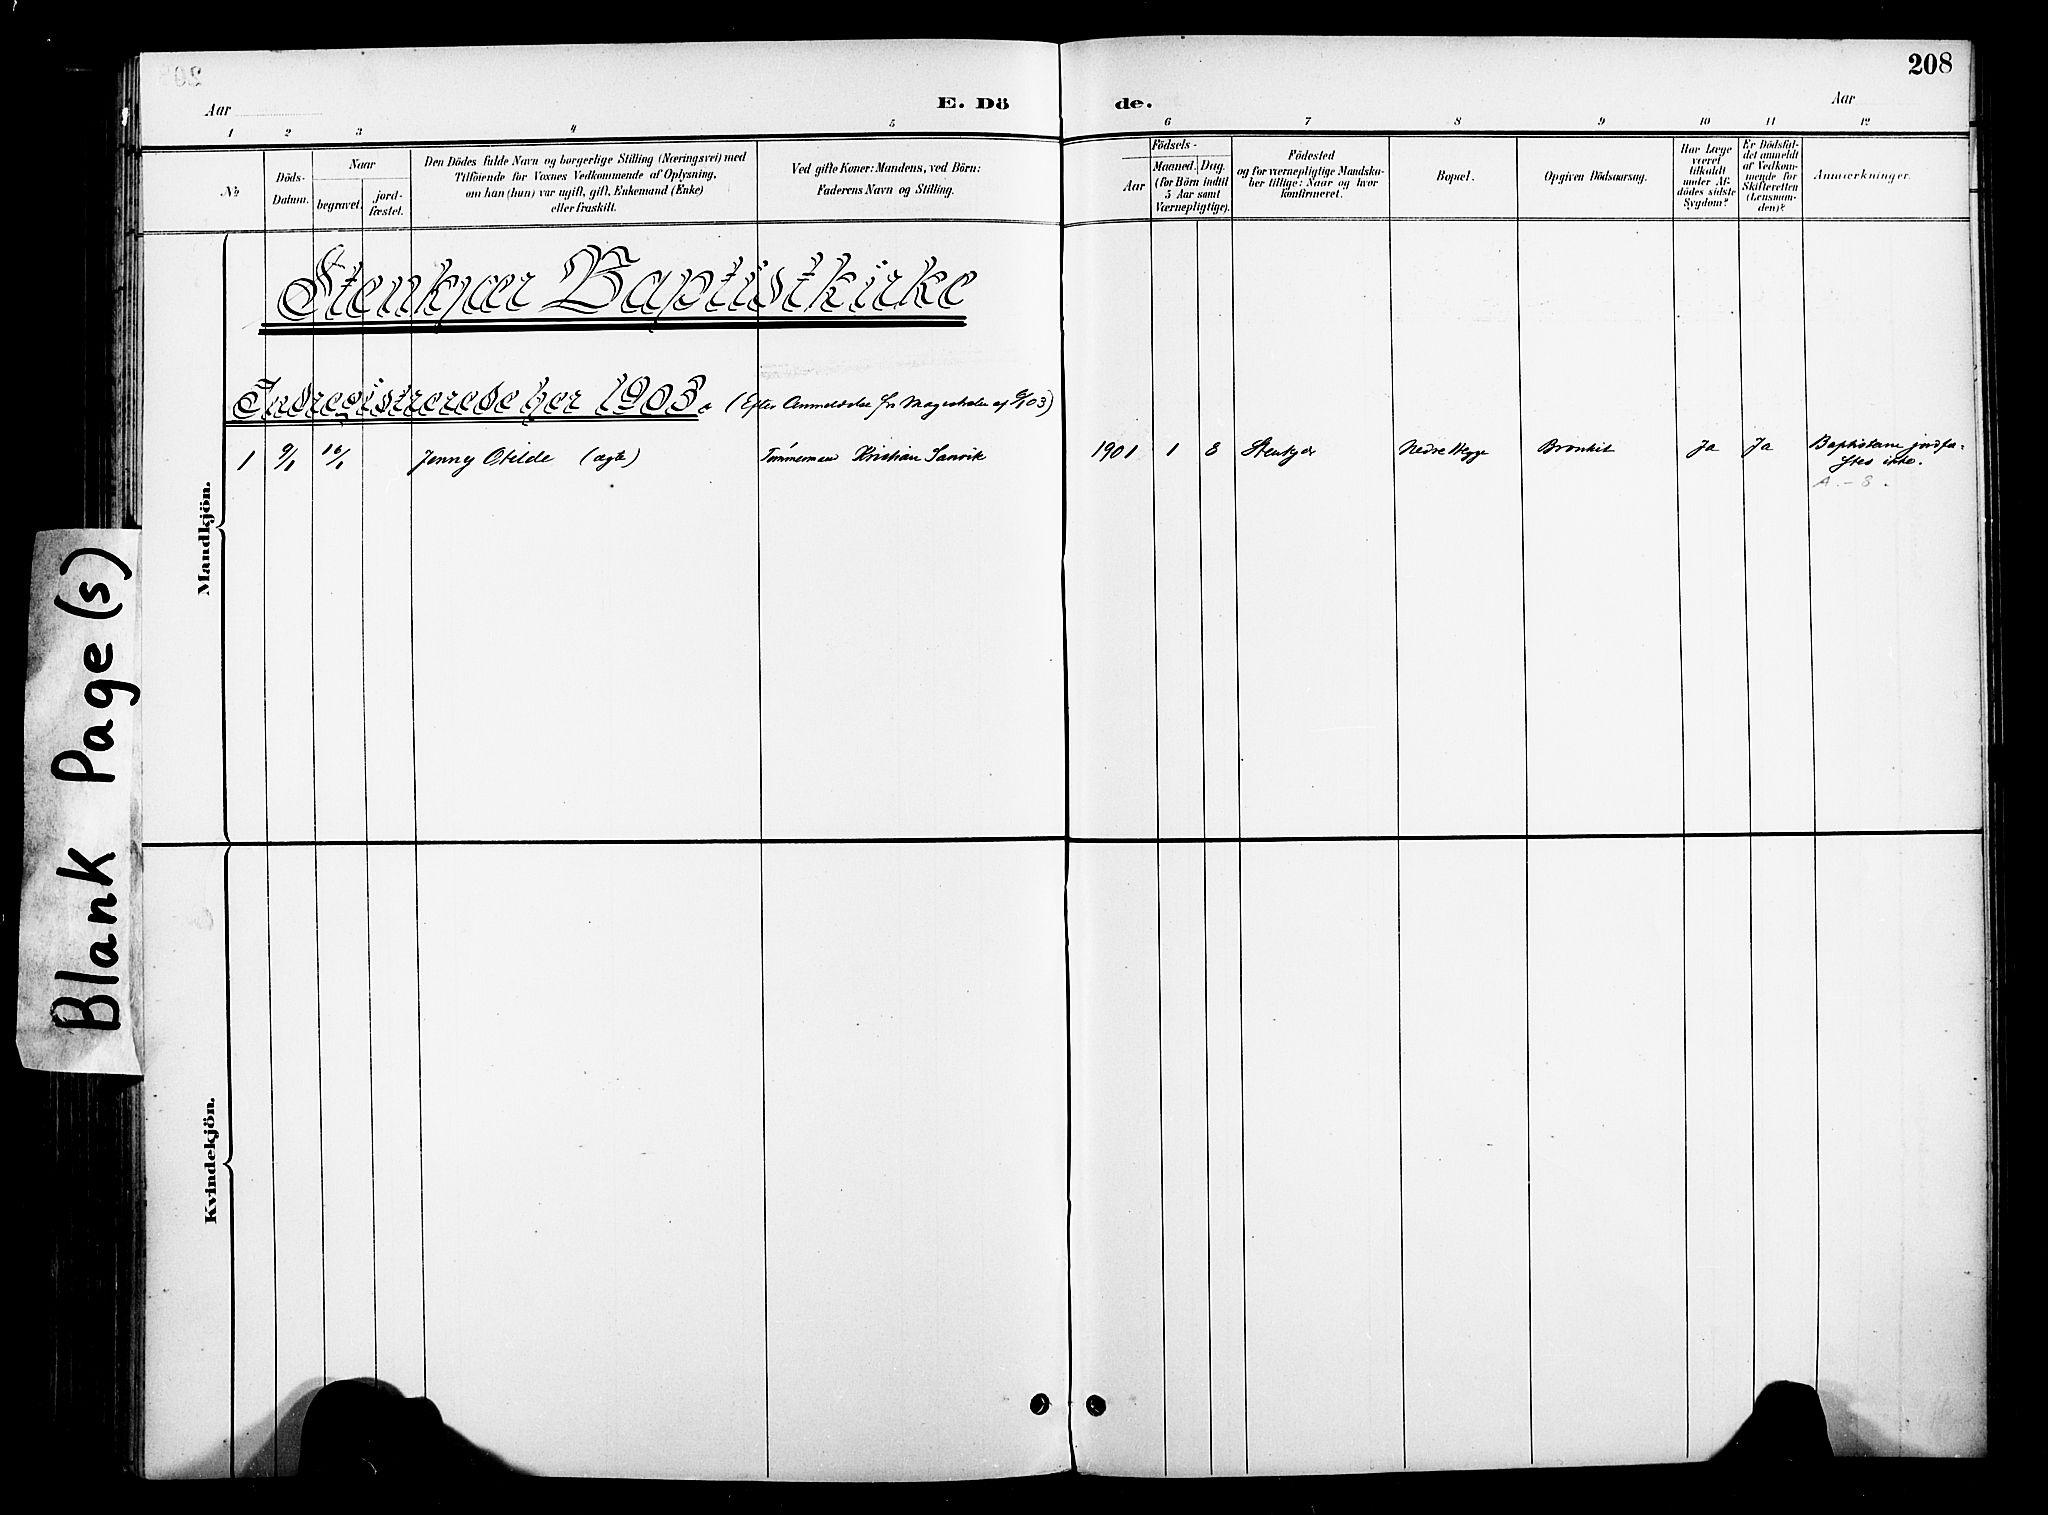 SAT, Ministerialprotokoller, klokkerbøker og fødselsregistre - Nord-Trøndelag, 739/L0372: Ministerialbok nr. 739A04, 1895-1903, s. 208